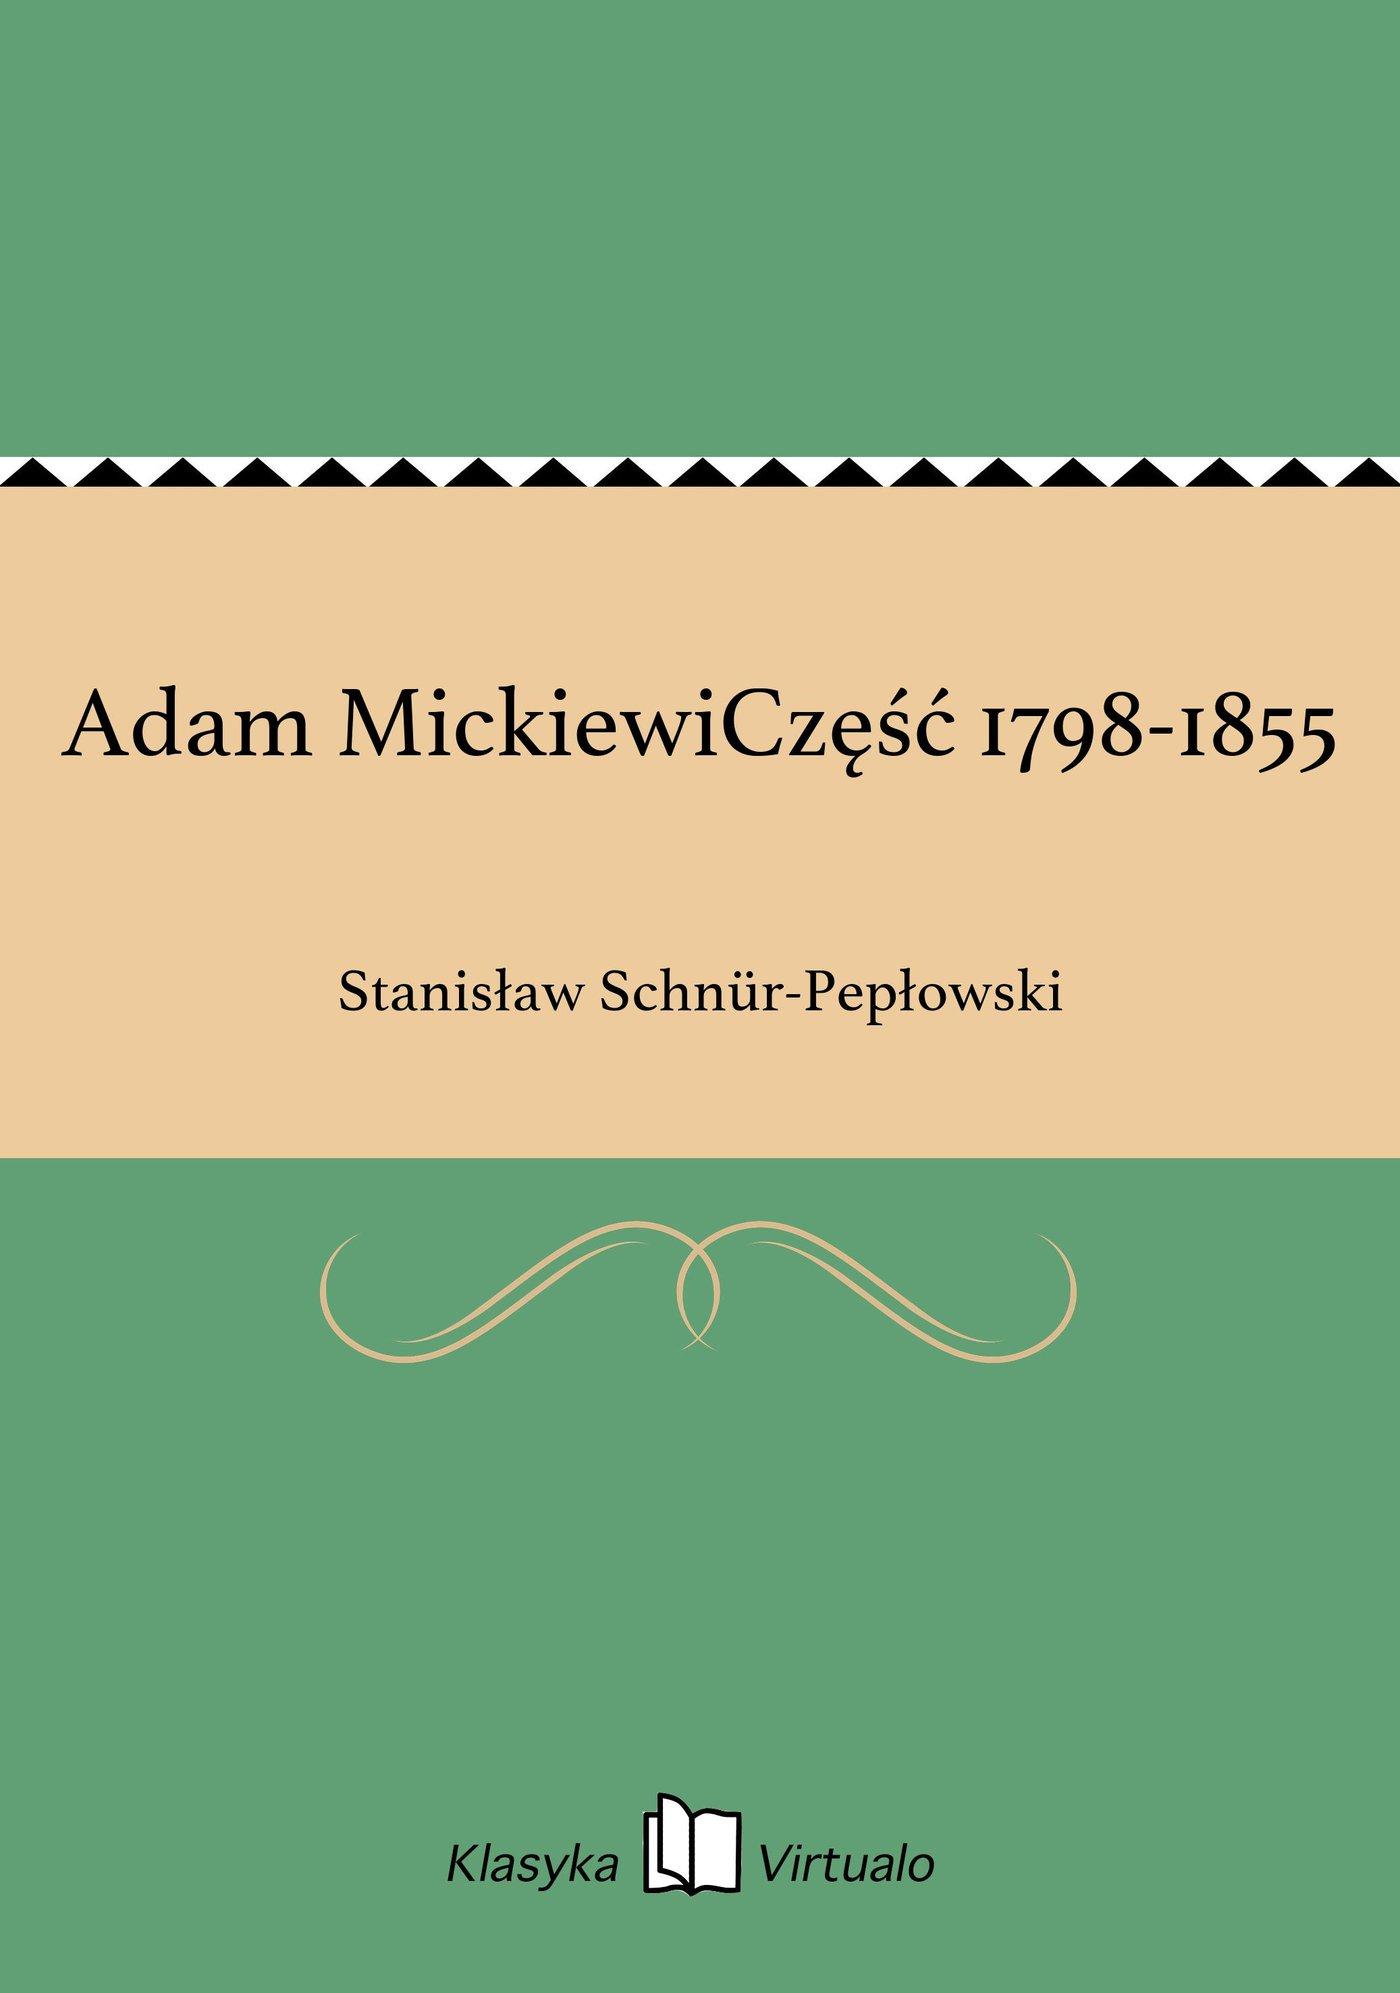 Adam MickiewiCzęść 1798-1855 - Ebook (Książka EPUB) do pobrania w formacie EPUB